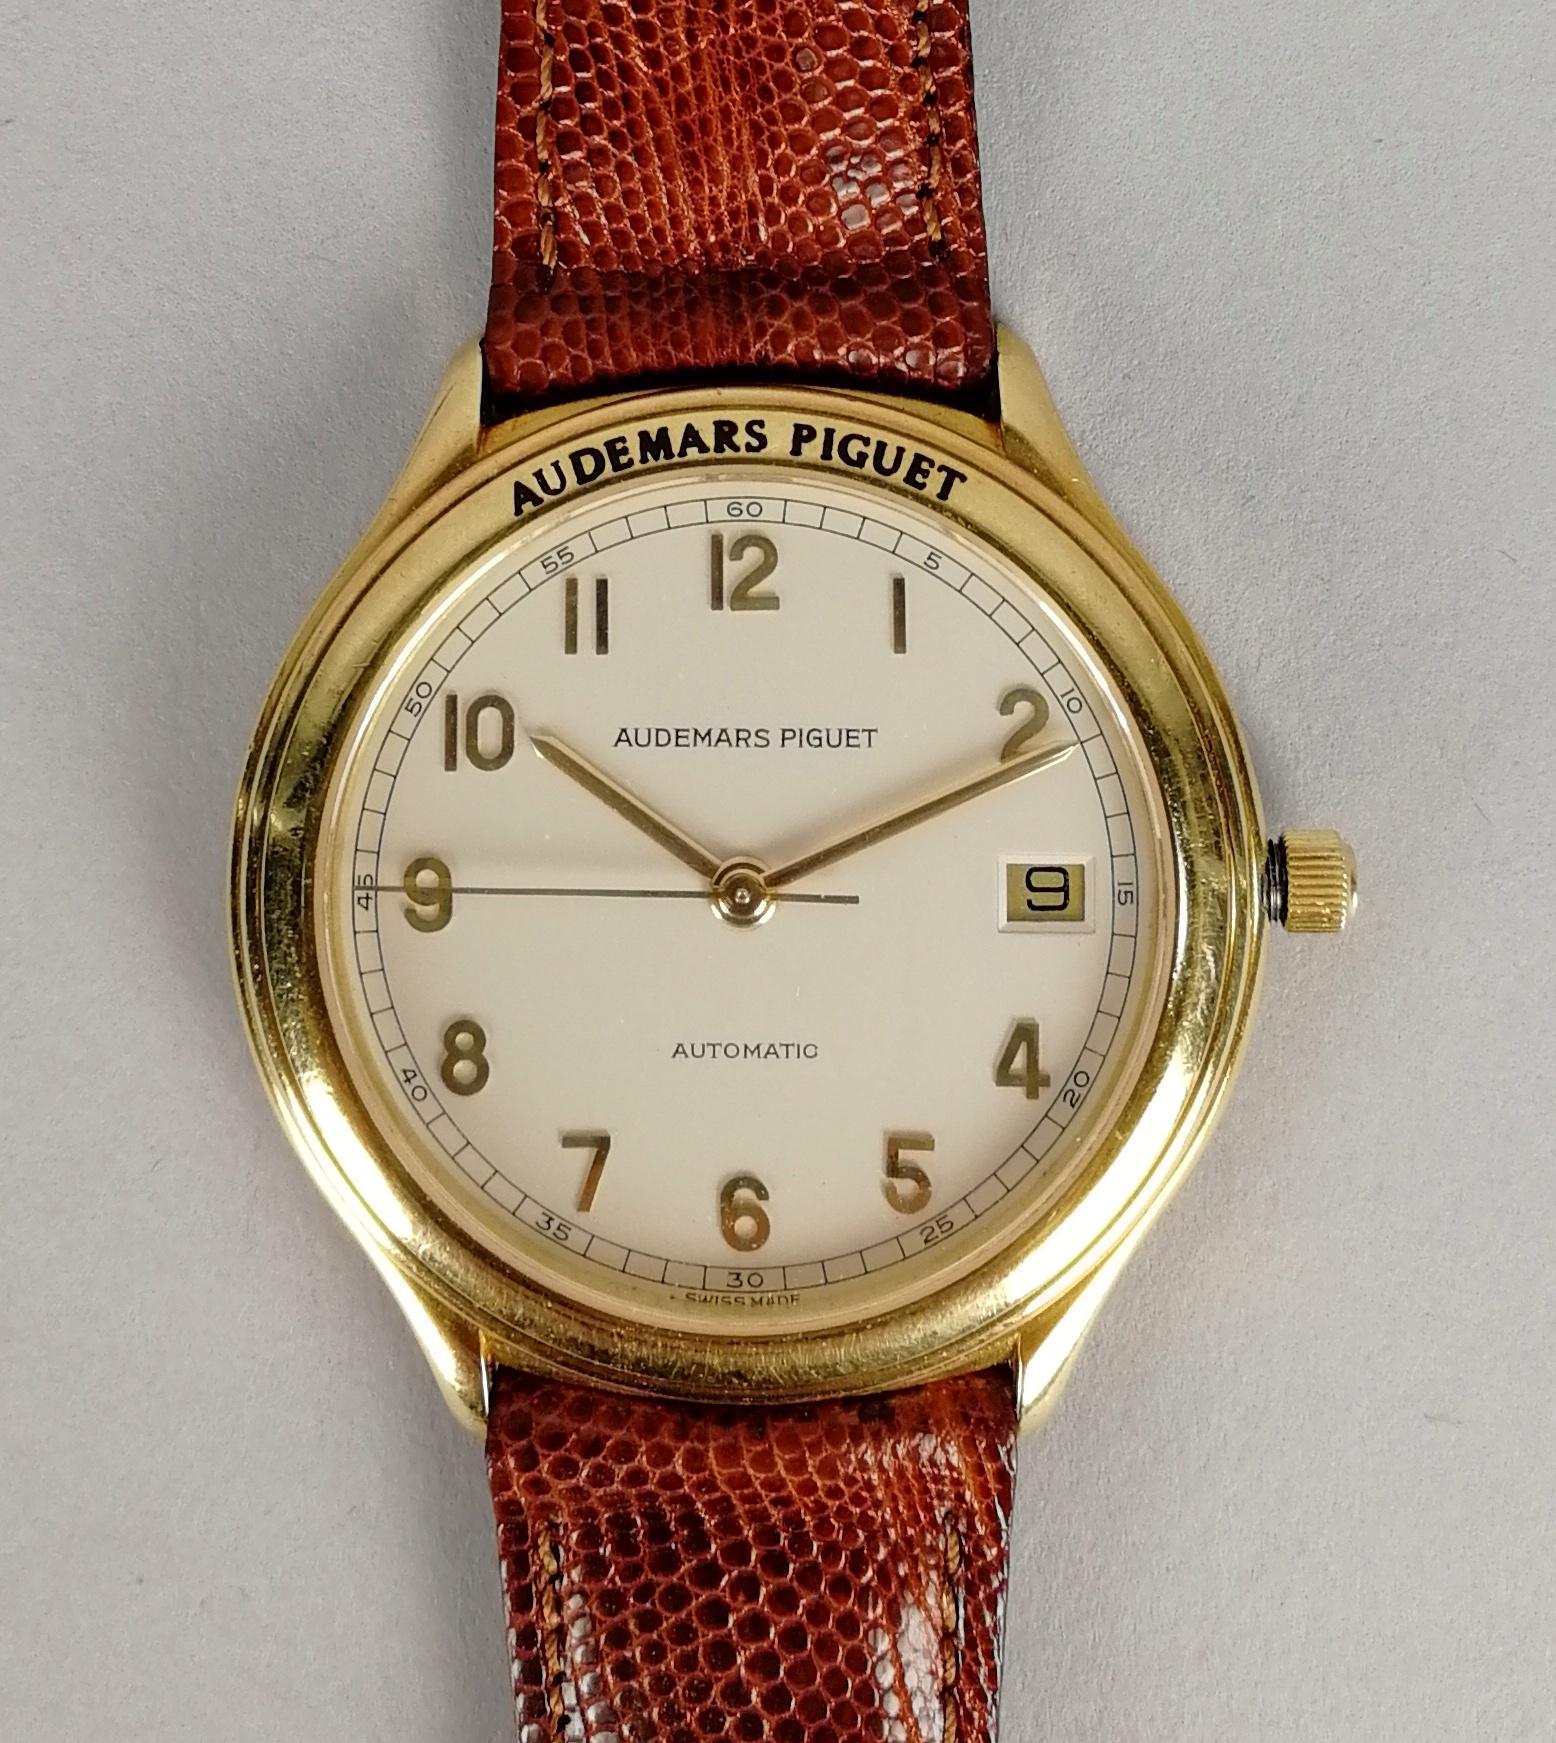 Lot 12 - AUDEMARS PIGUET. Orologio da uomo automatico in oro 18 kt. con datario, modello Solo Tempo. Numero